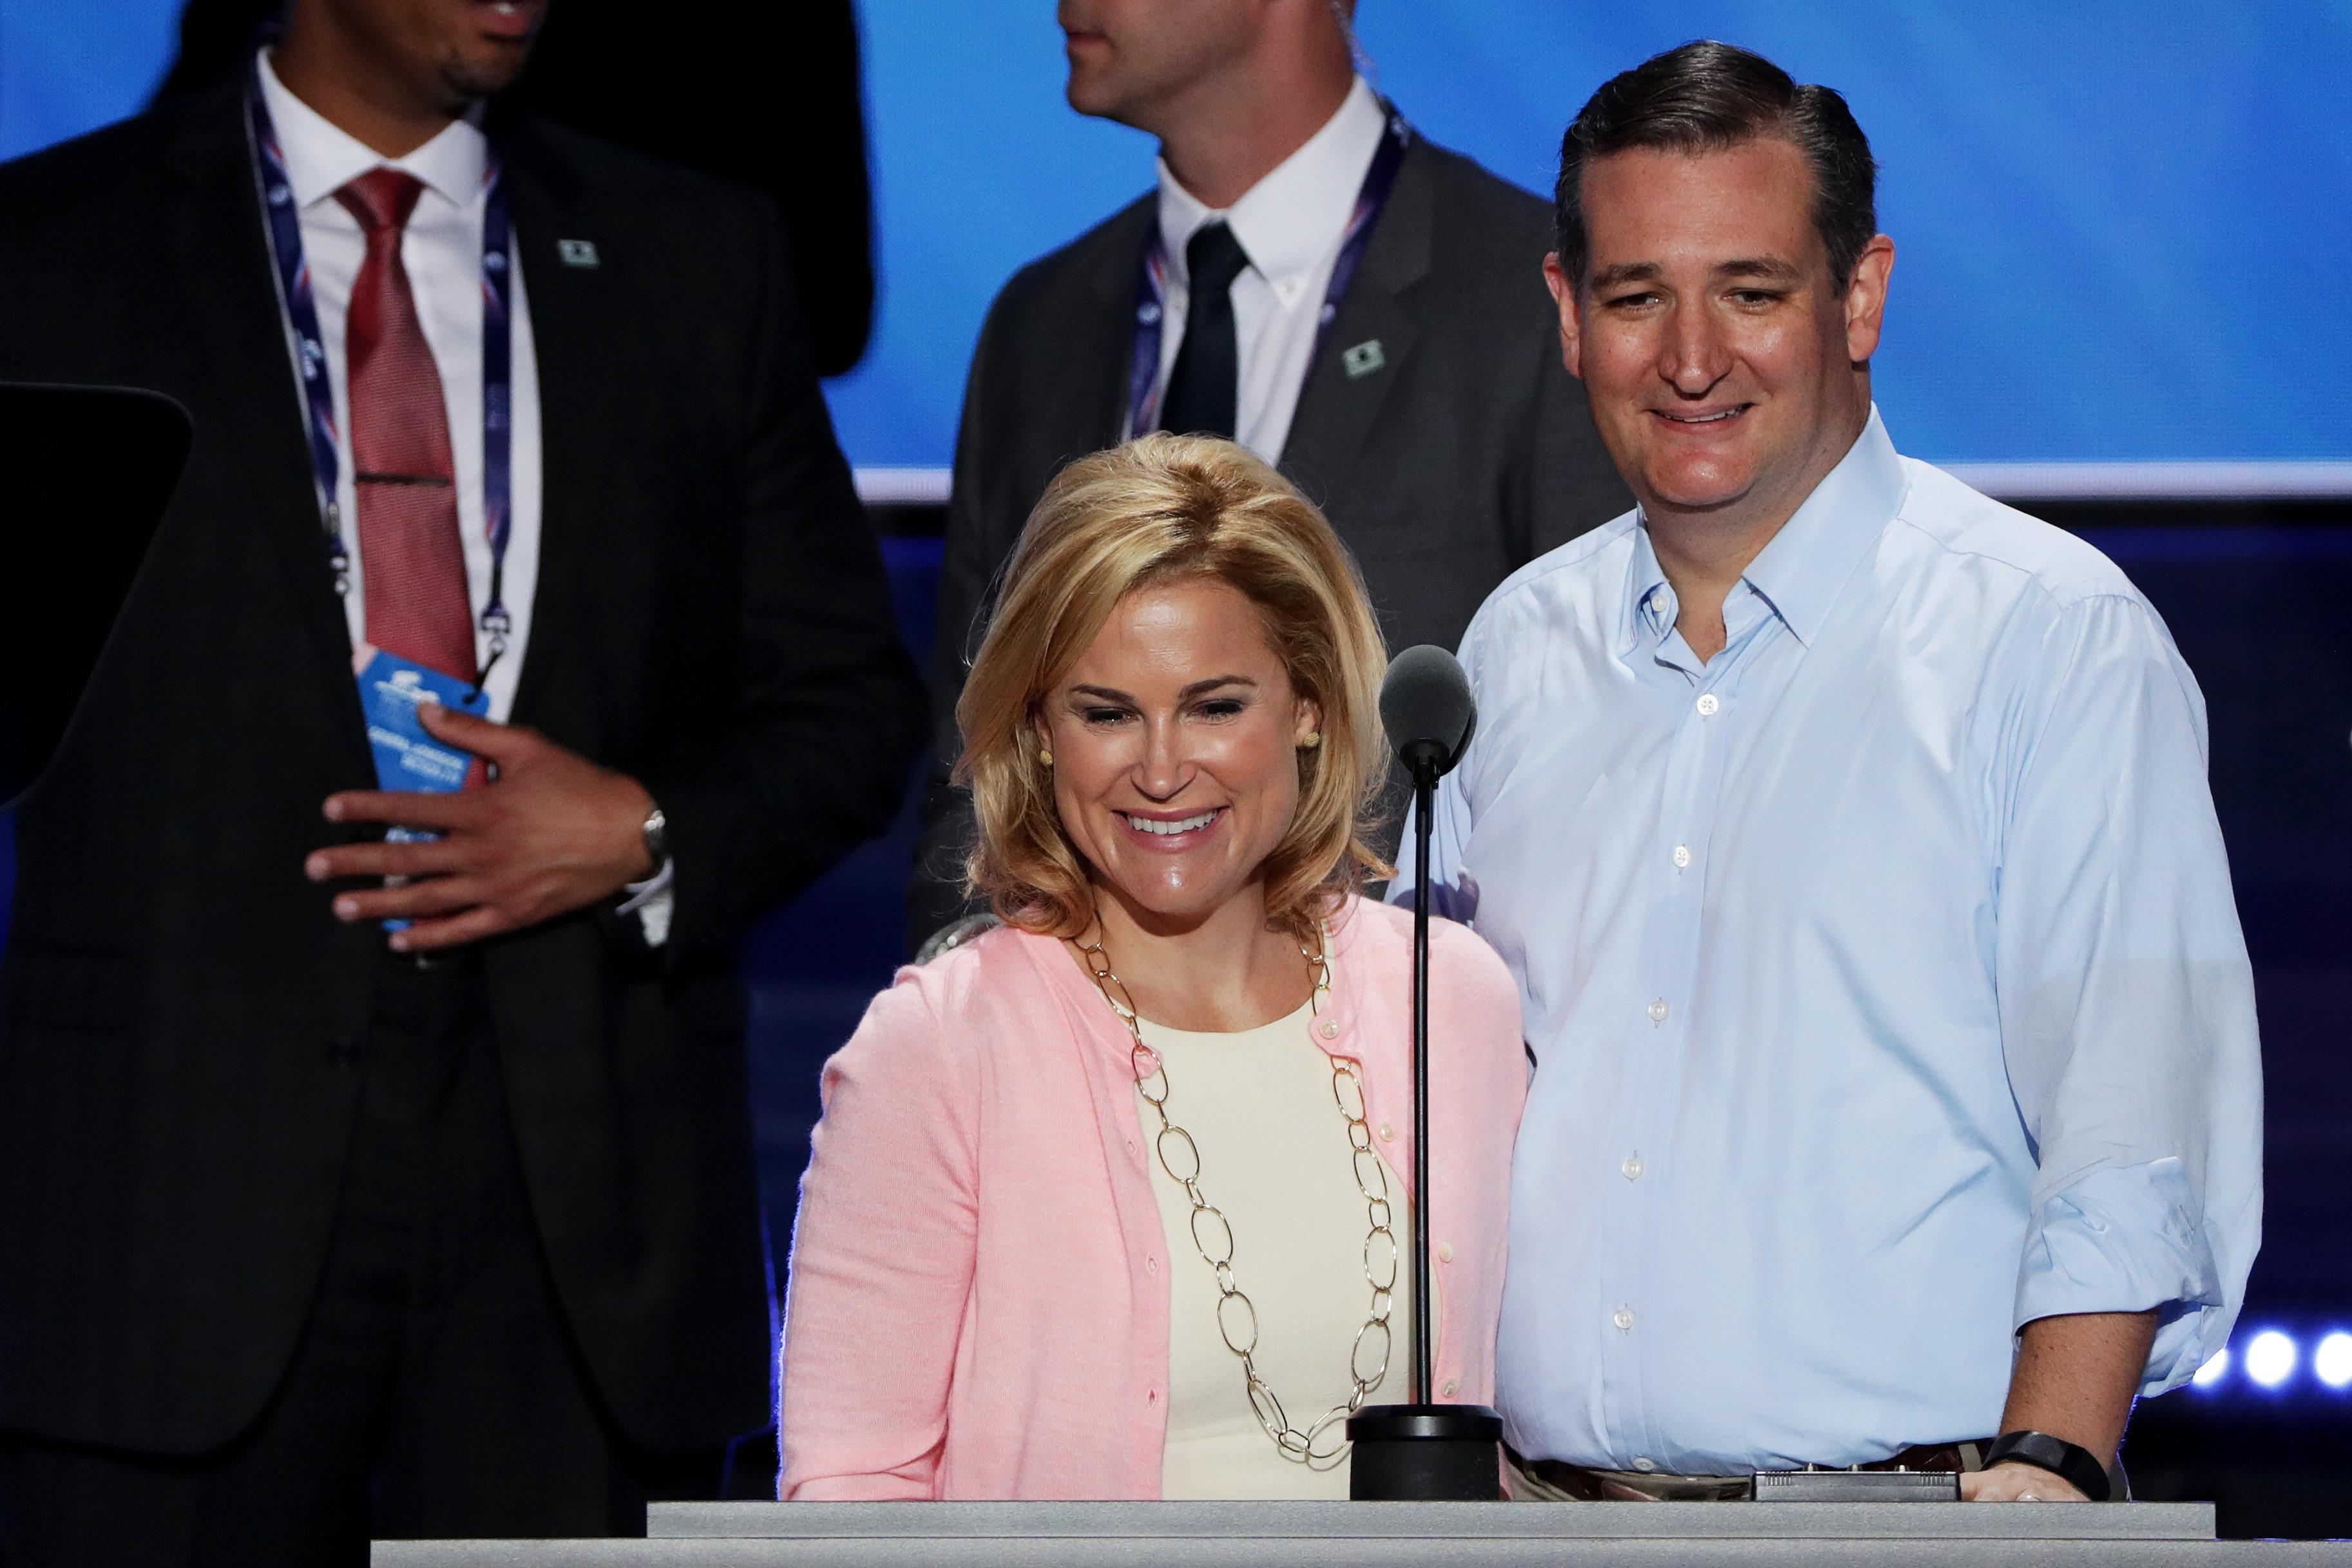 Heidi Cruz Torched Over 'Tone-Deaf' Lament About Ted Cruz's 6-Figure Senate